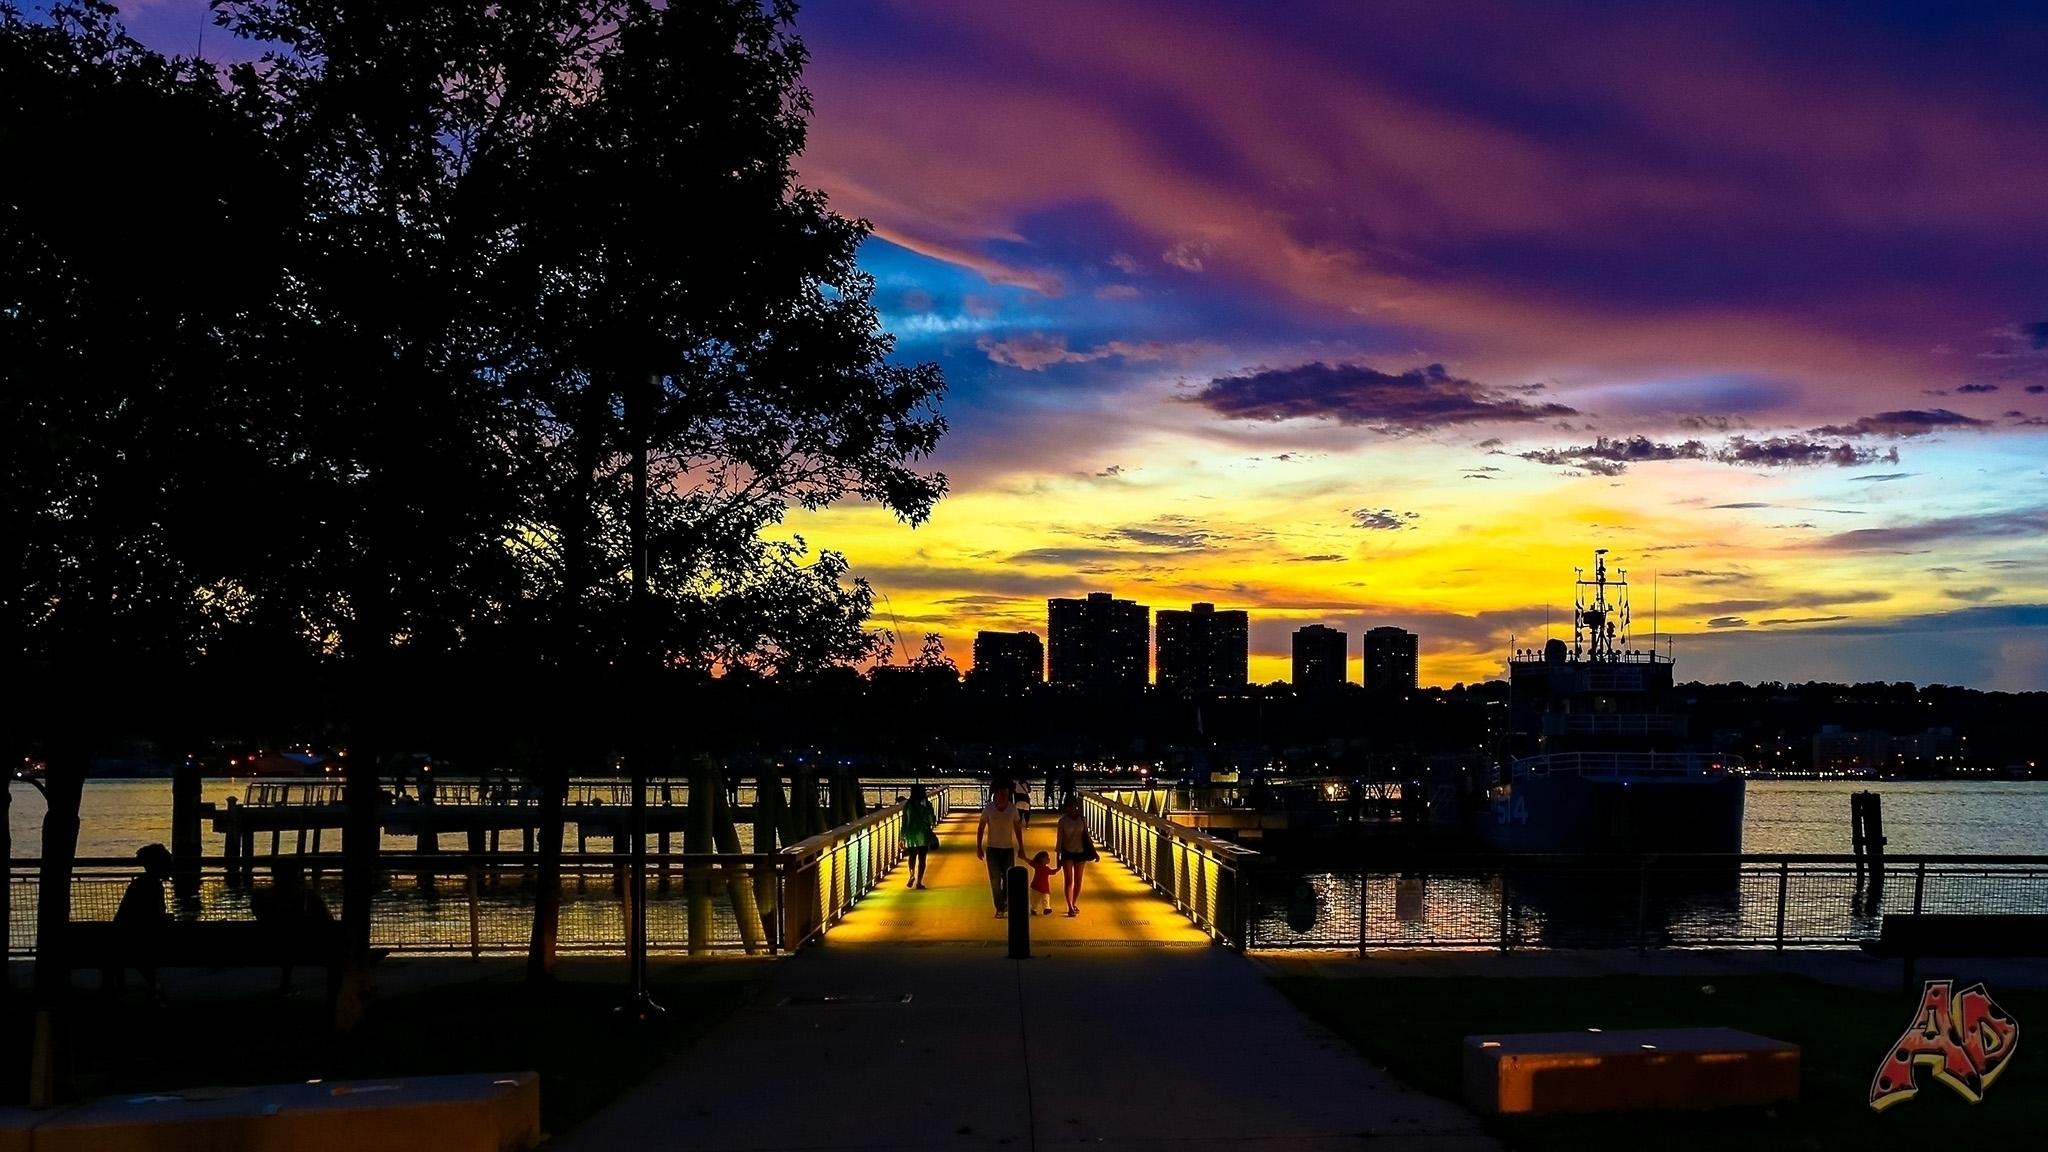 Sundown West Harlem Piers Park - adwow | ello